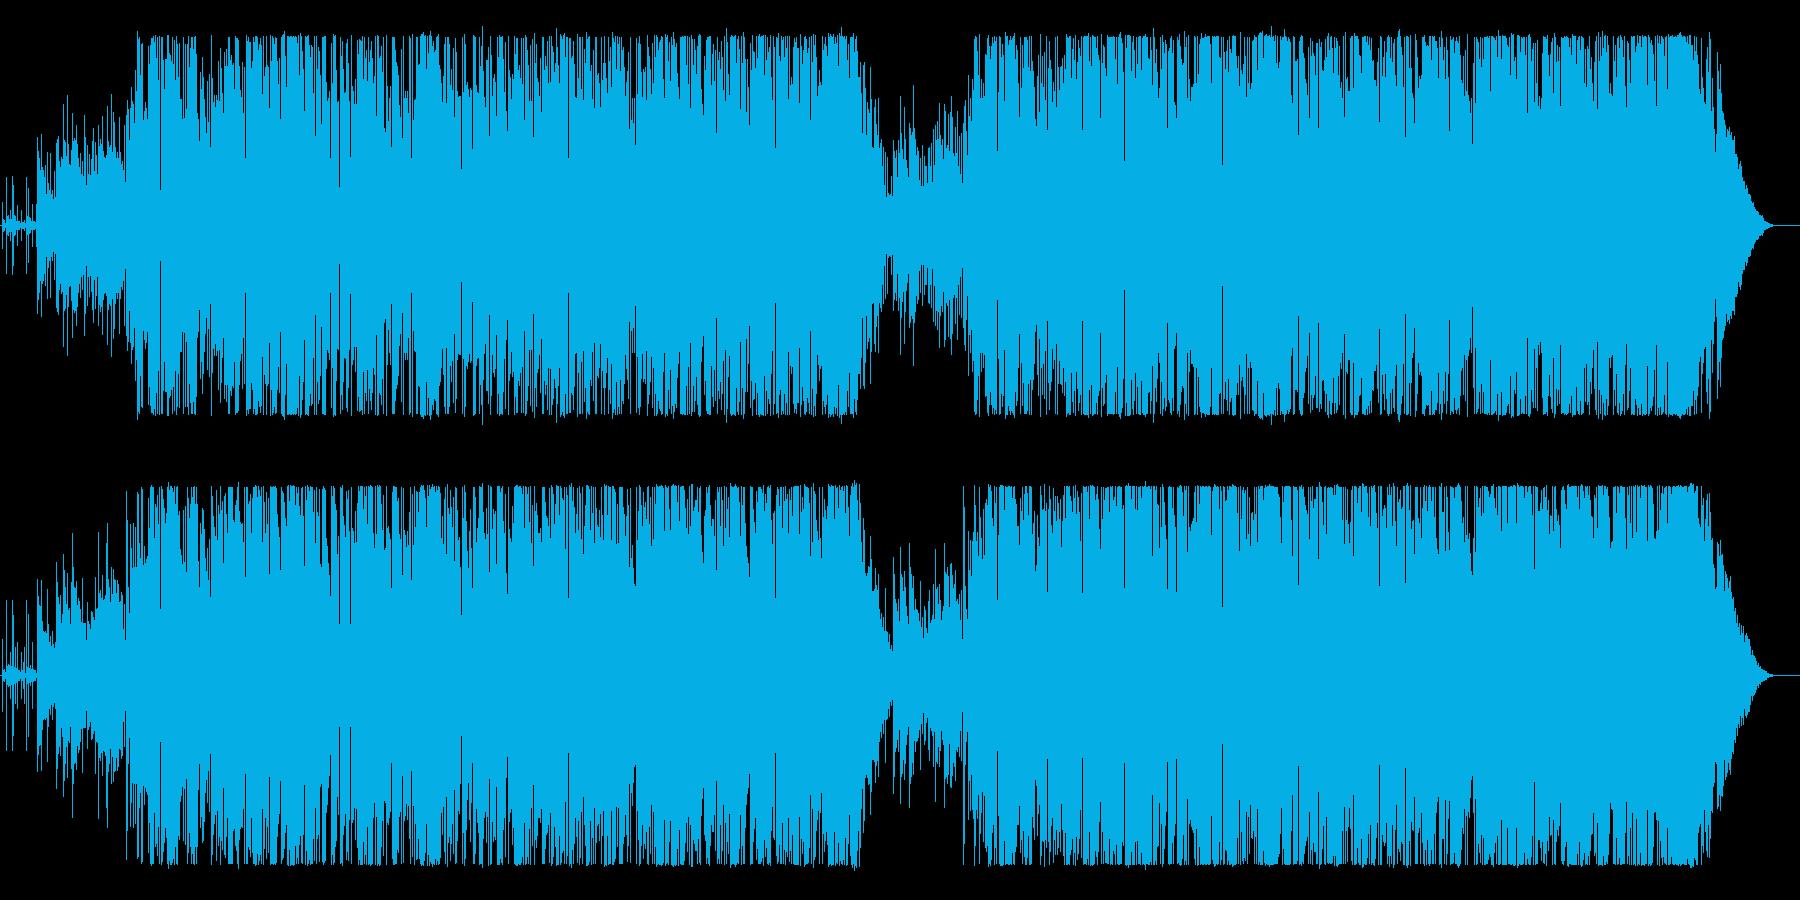 ロマンティックで大人な雰囲気のBGMの再生済みの波形